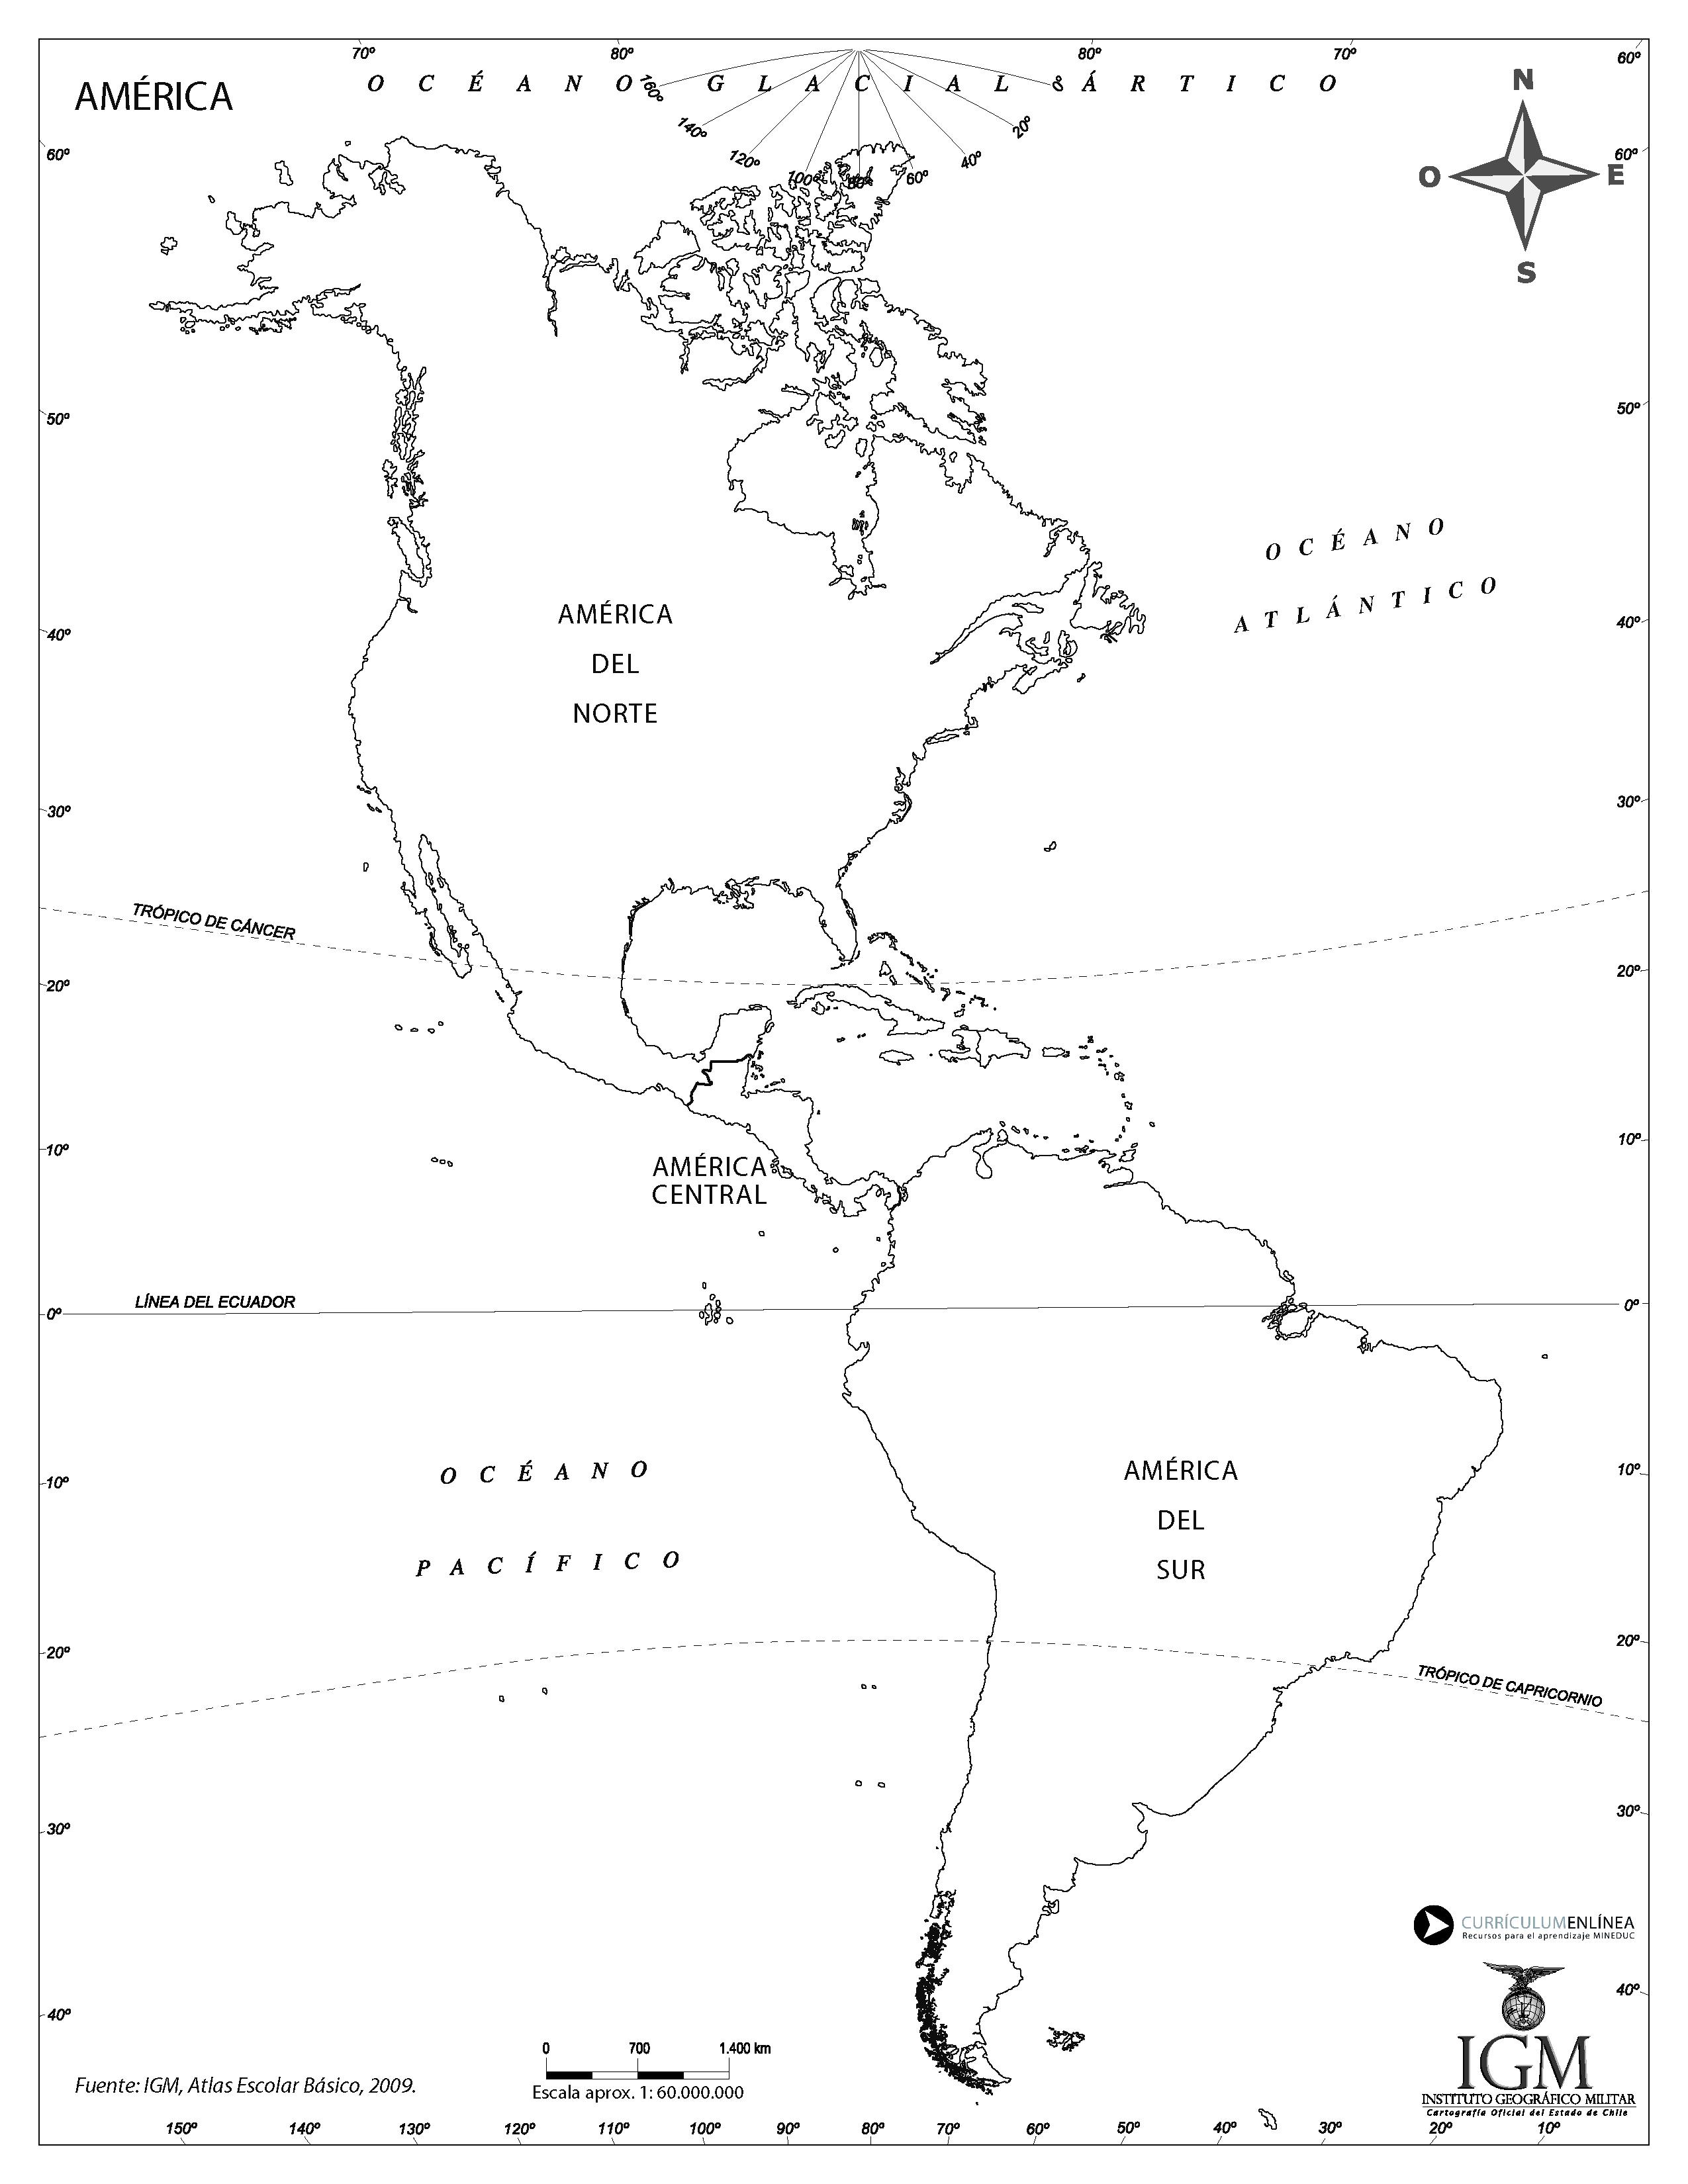 Mapa de América con su divisón regional - Currículum en línea ...